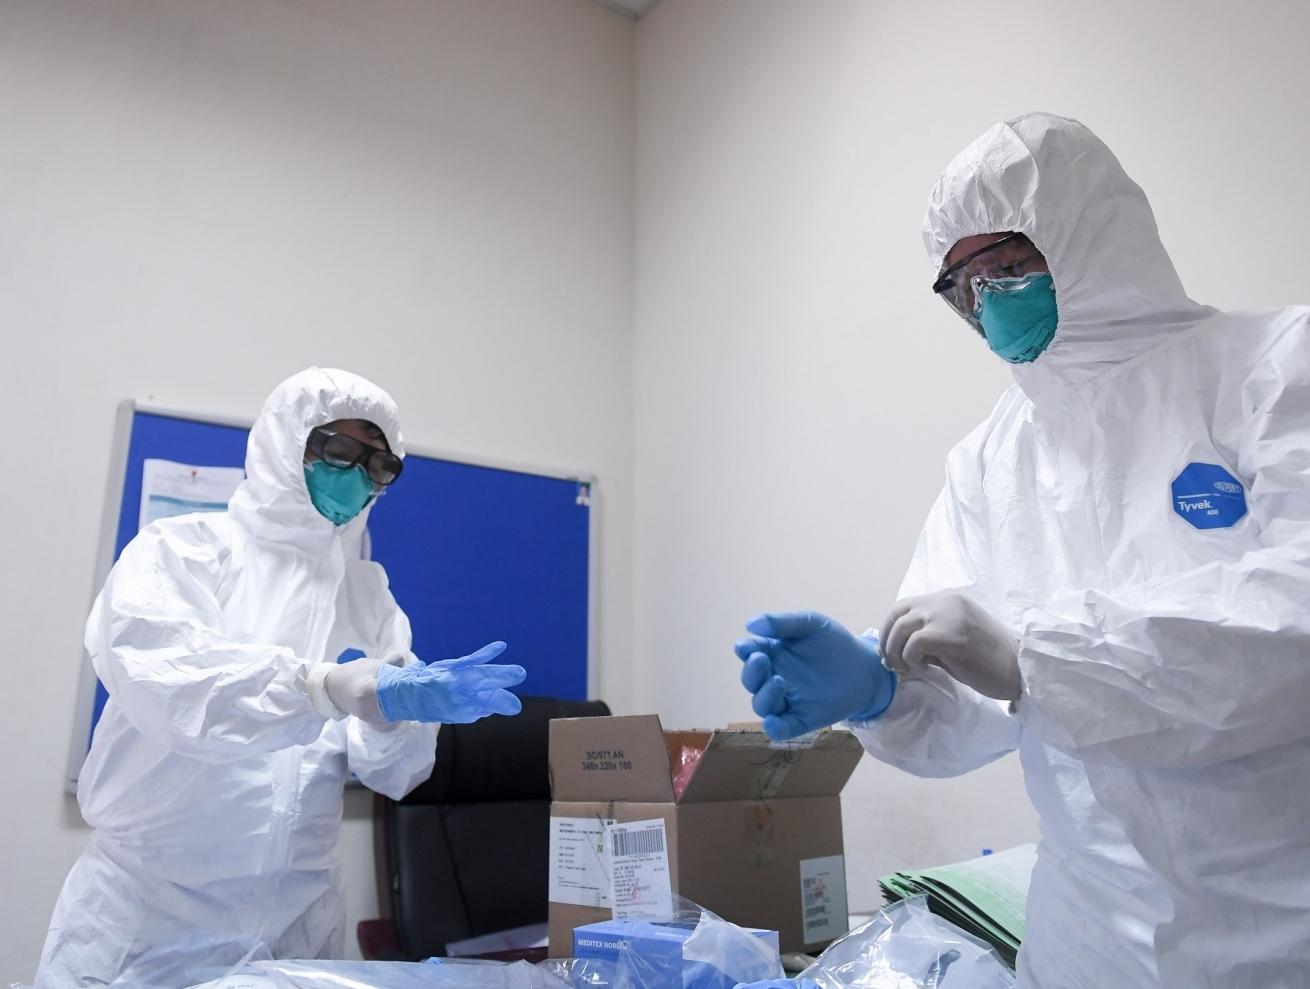 Hà Nội: Thêm 1 ca nhiễm Covid-19 tại KCN Bắc Thăng Long